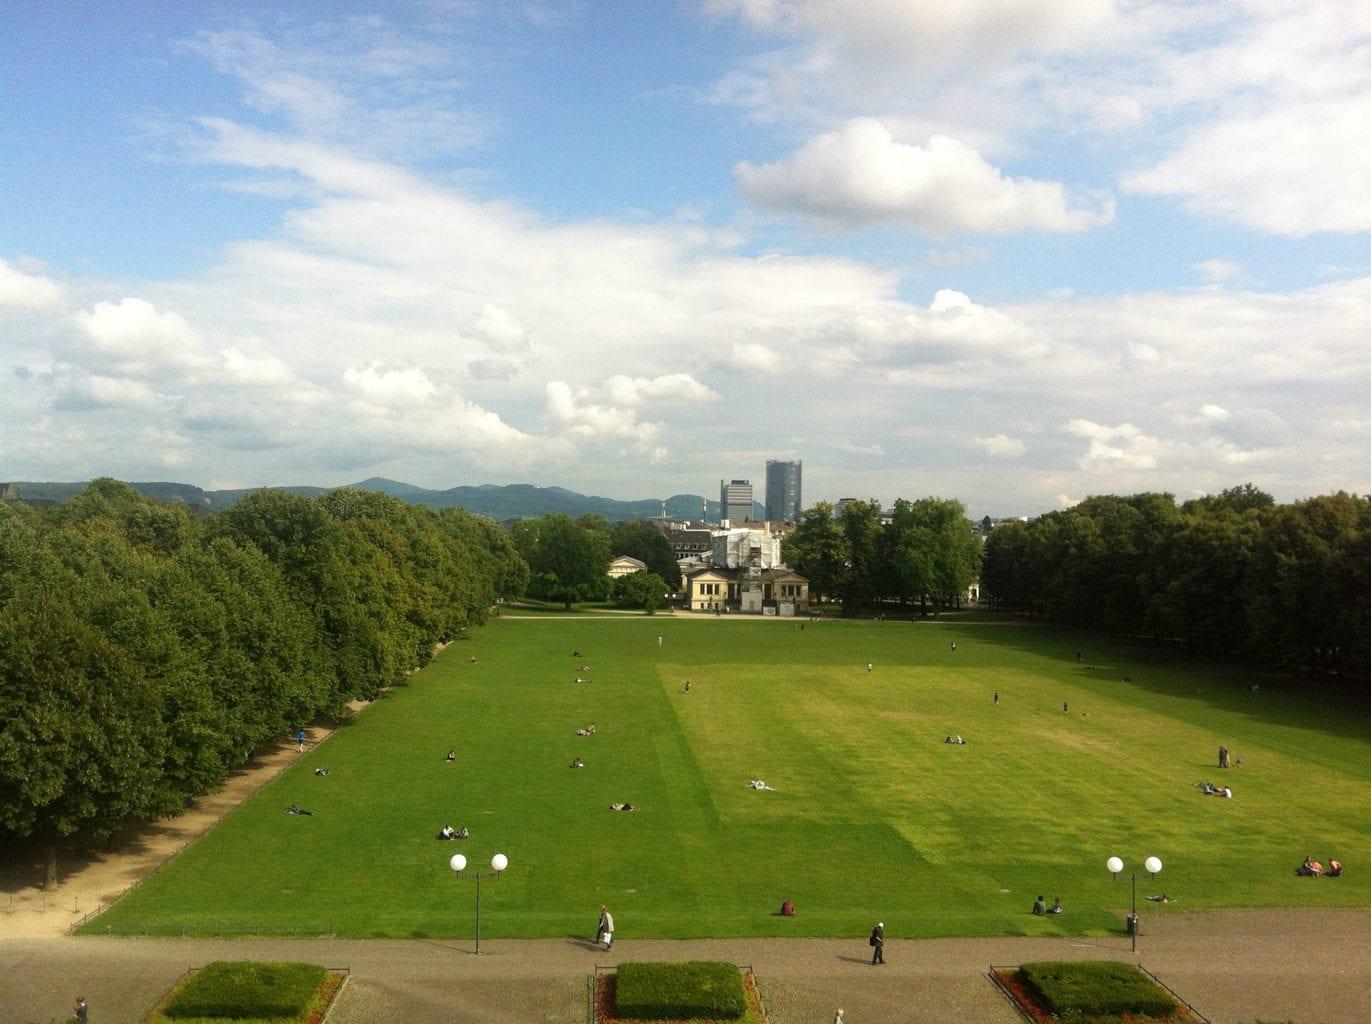 Hofgarten met wolkenkrabbers in Bonn en het zevengebergte op de achtergrond